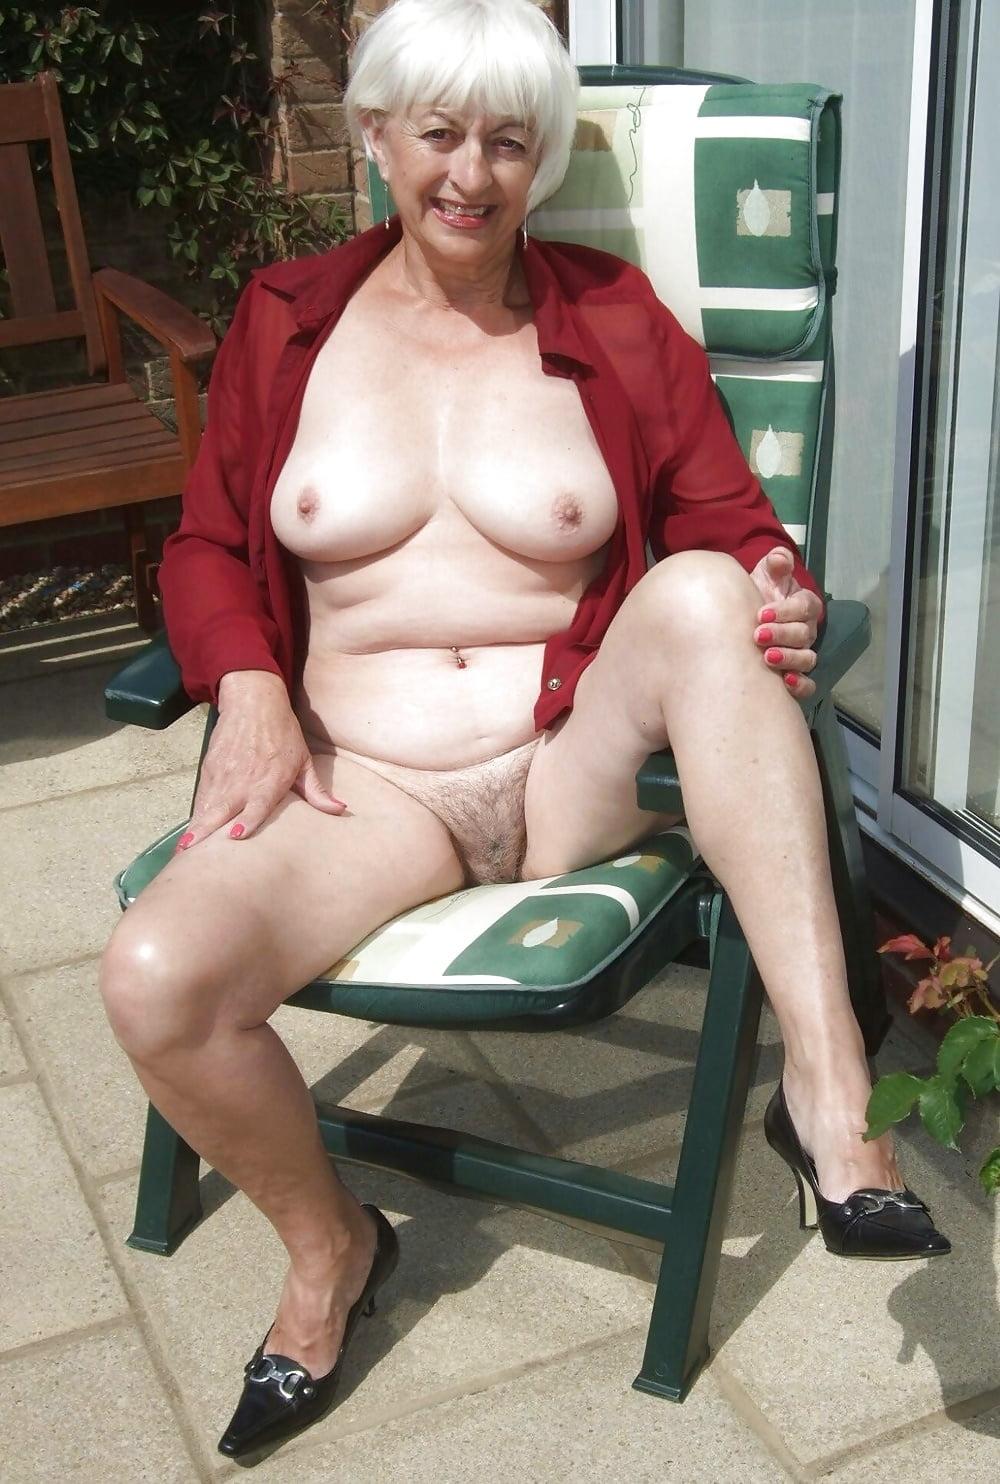 Granny nude pics and old granny porn